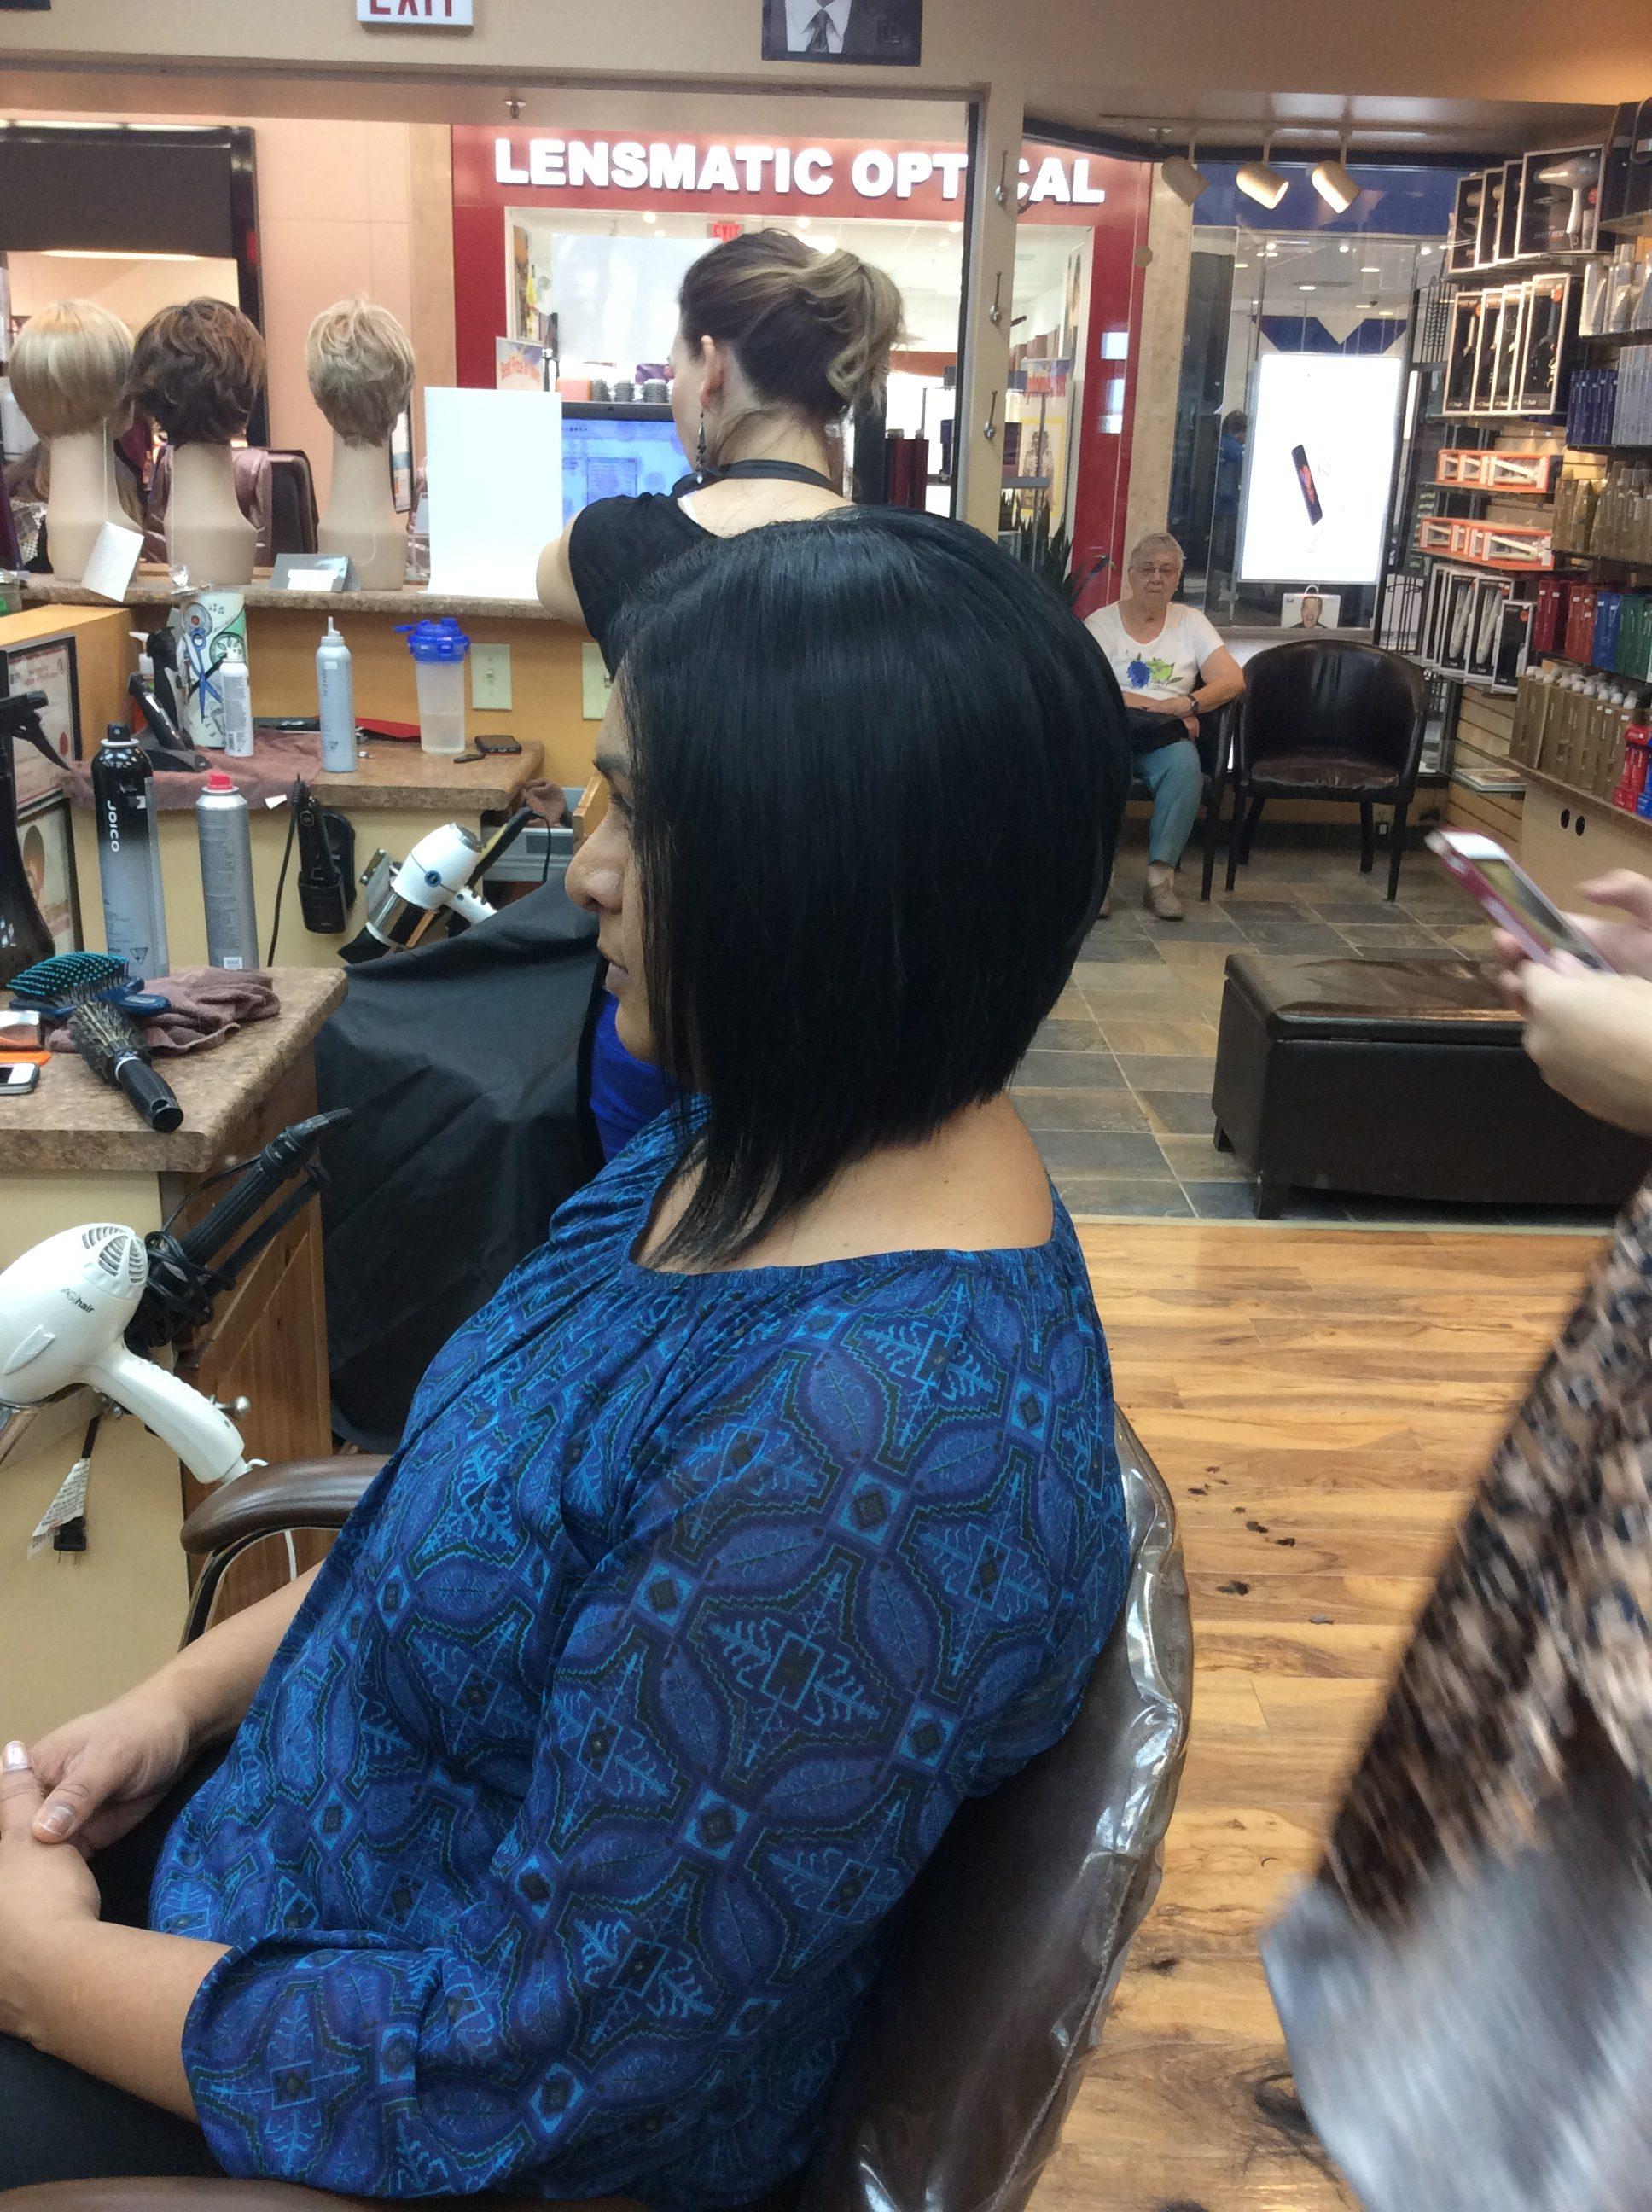 Angled bob hairstyle at hairstyle inn saskatoon